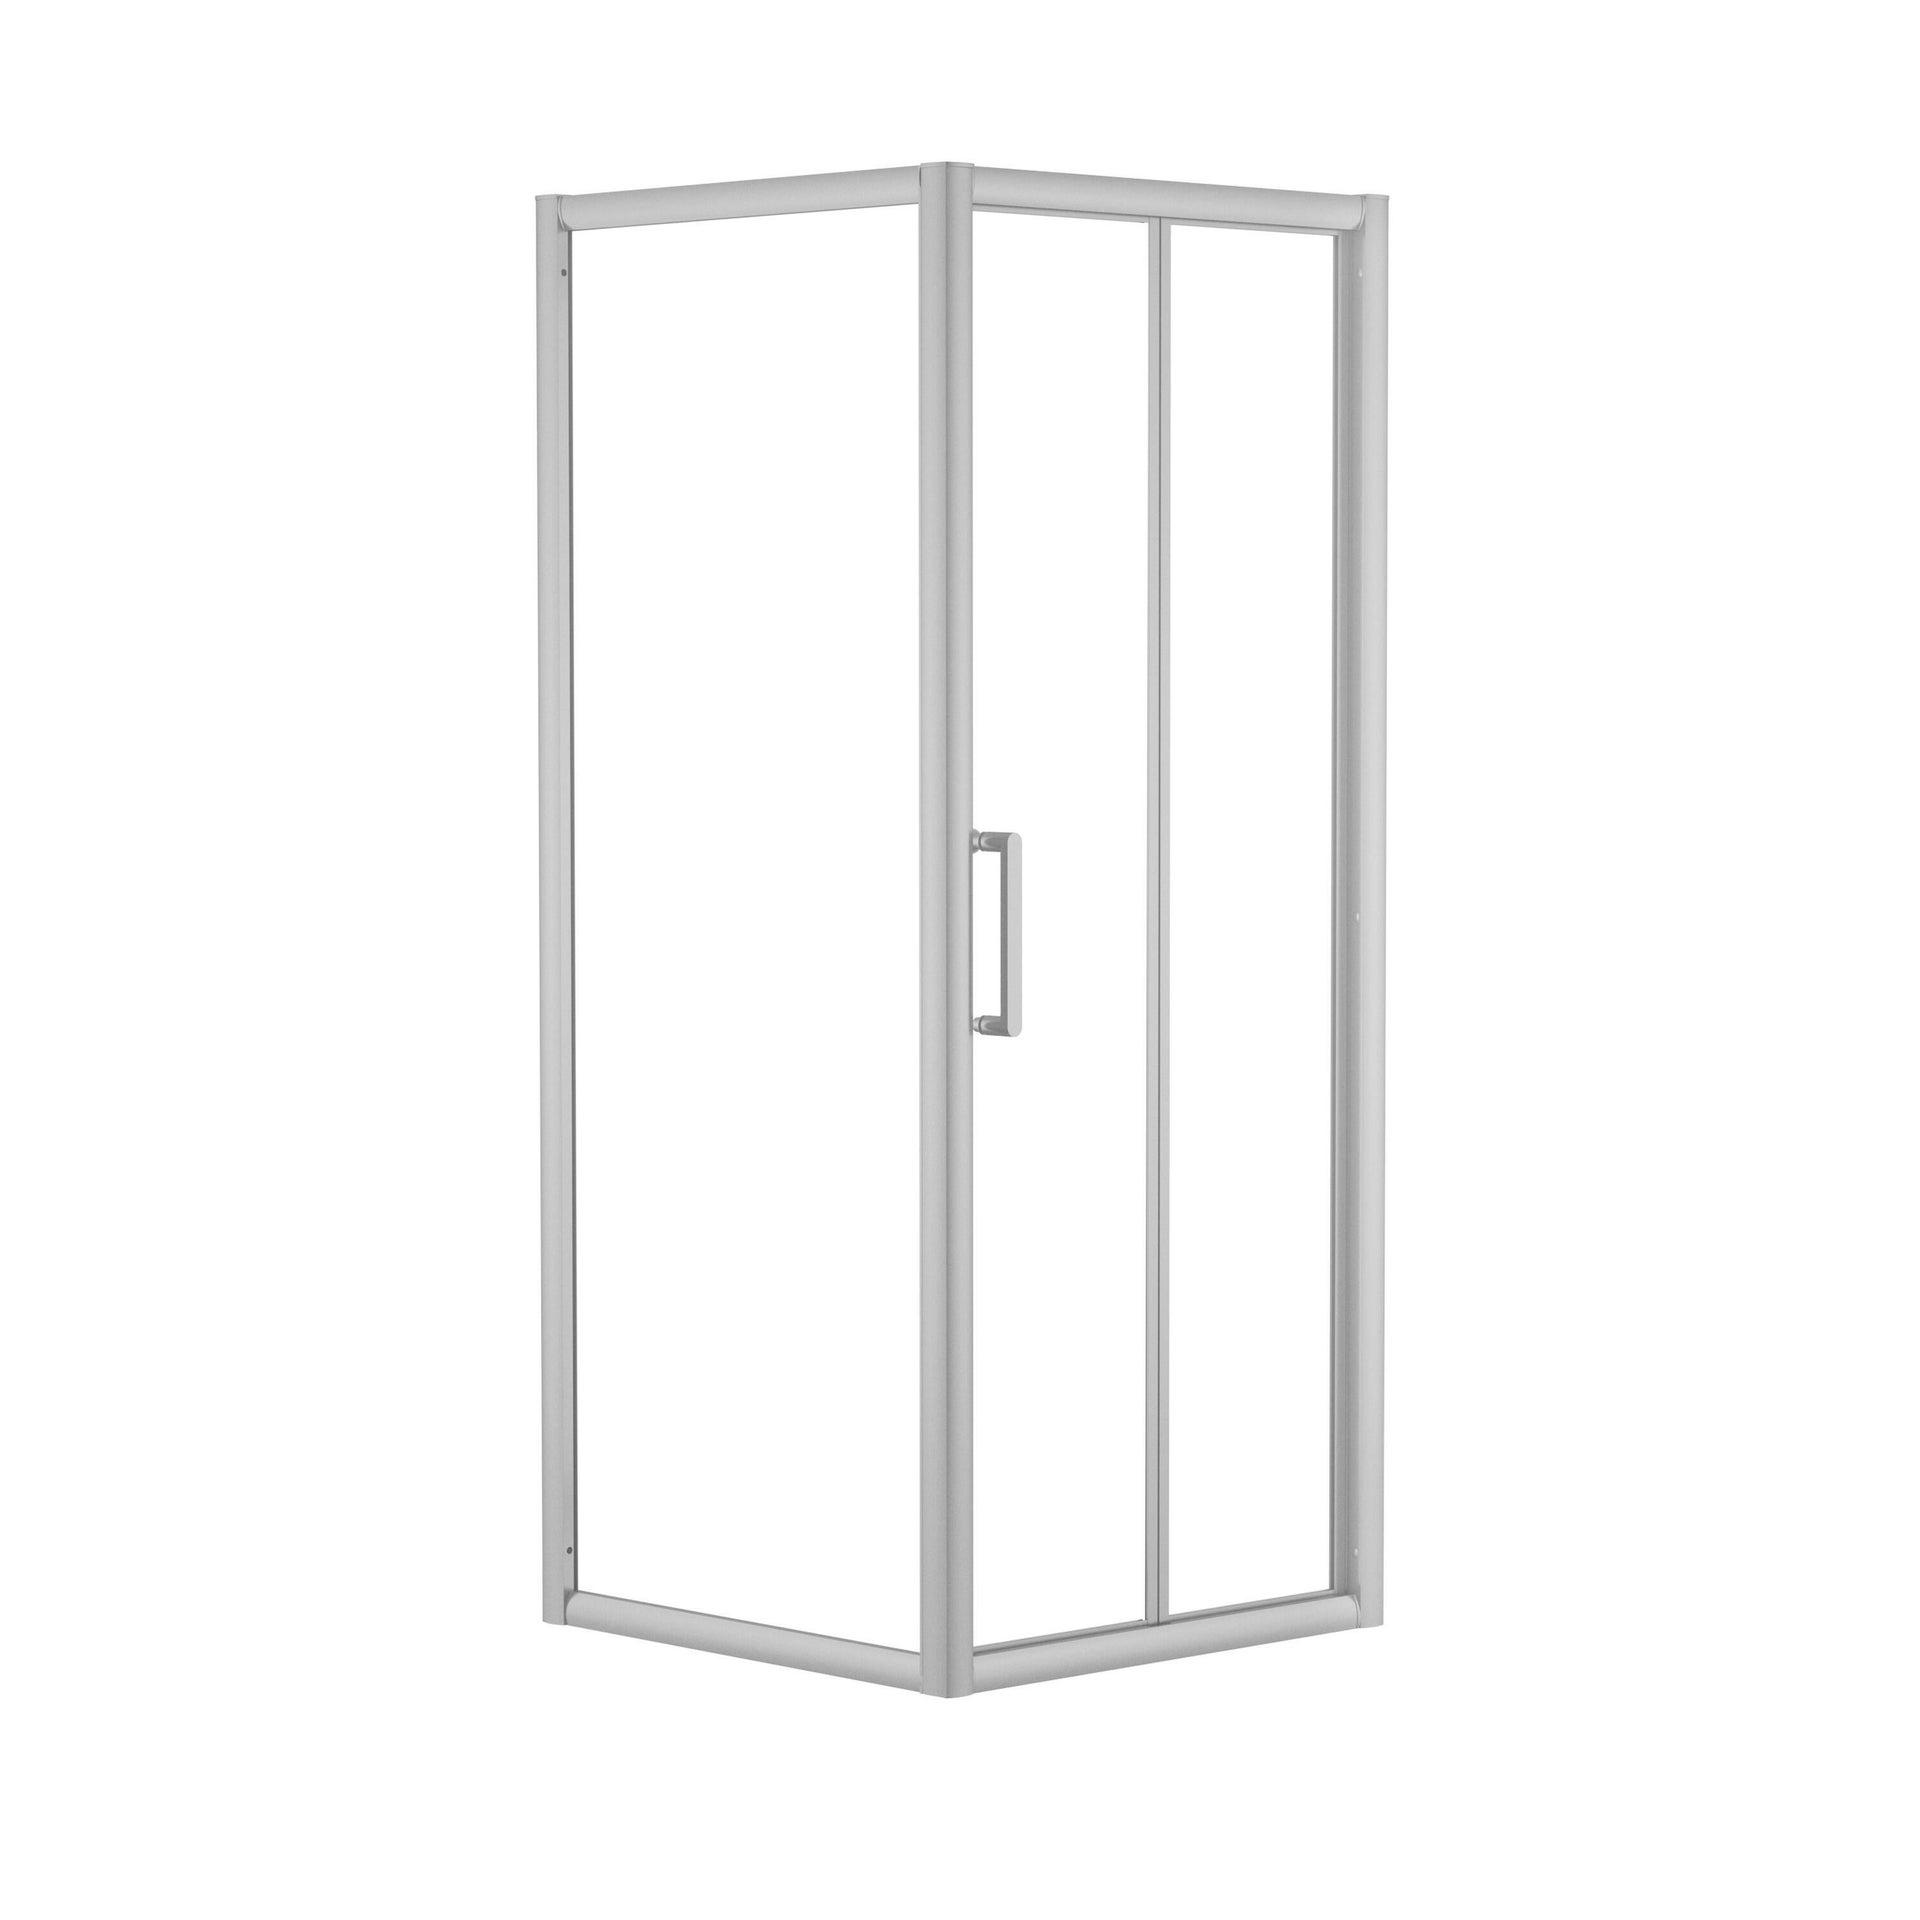 Box doccia rettangolare pieghevole Quad 70 x 80 cm, H 190 cm in vetro temprato, spessore 6 mm trasparente argento - 4